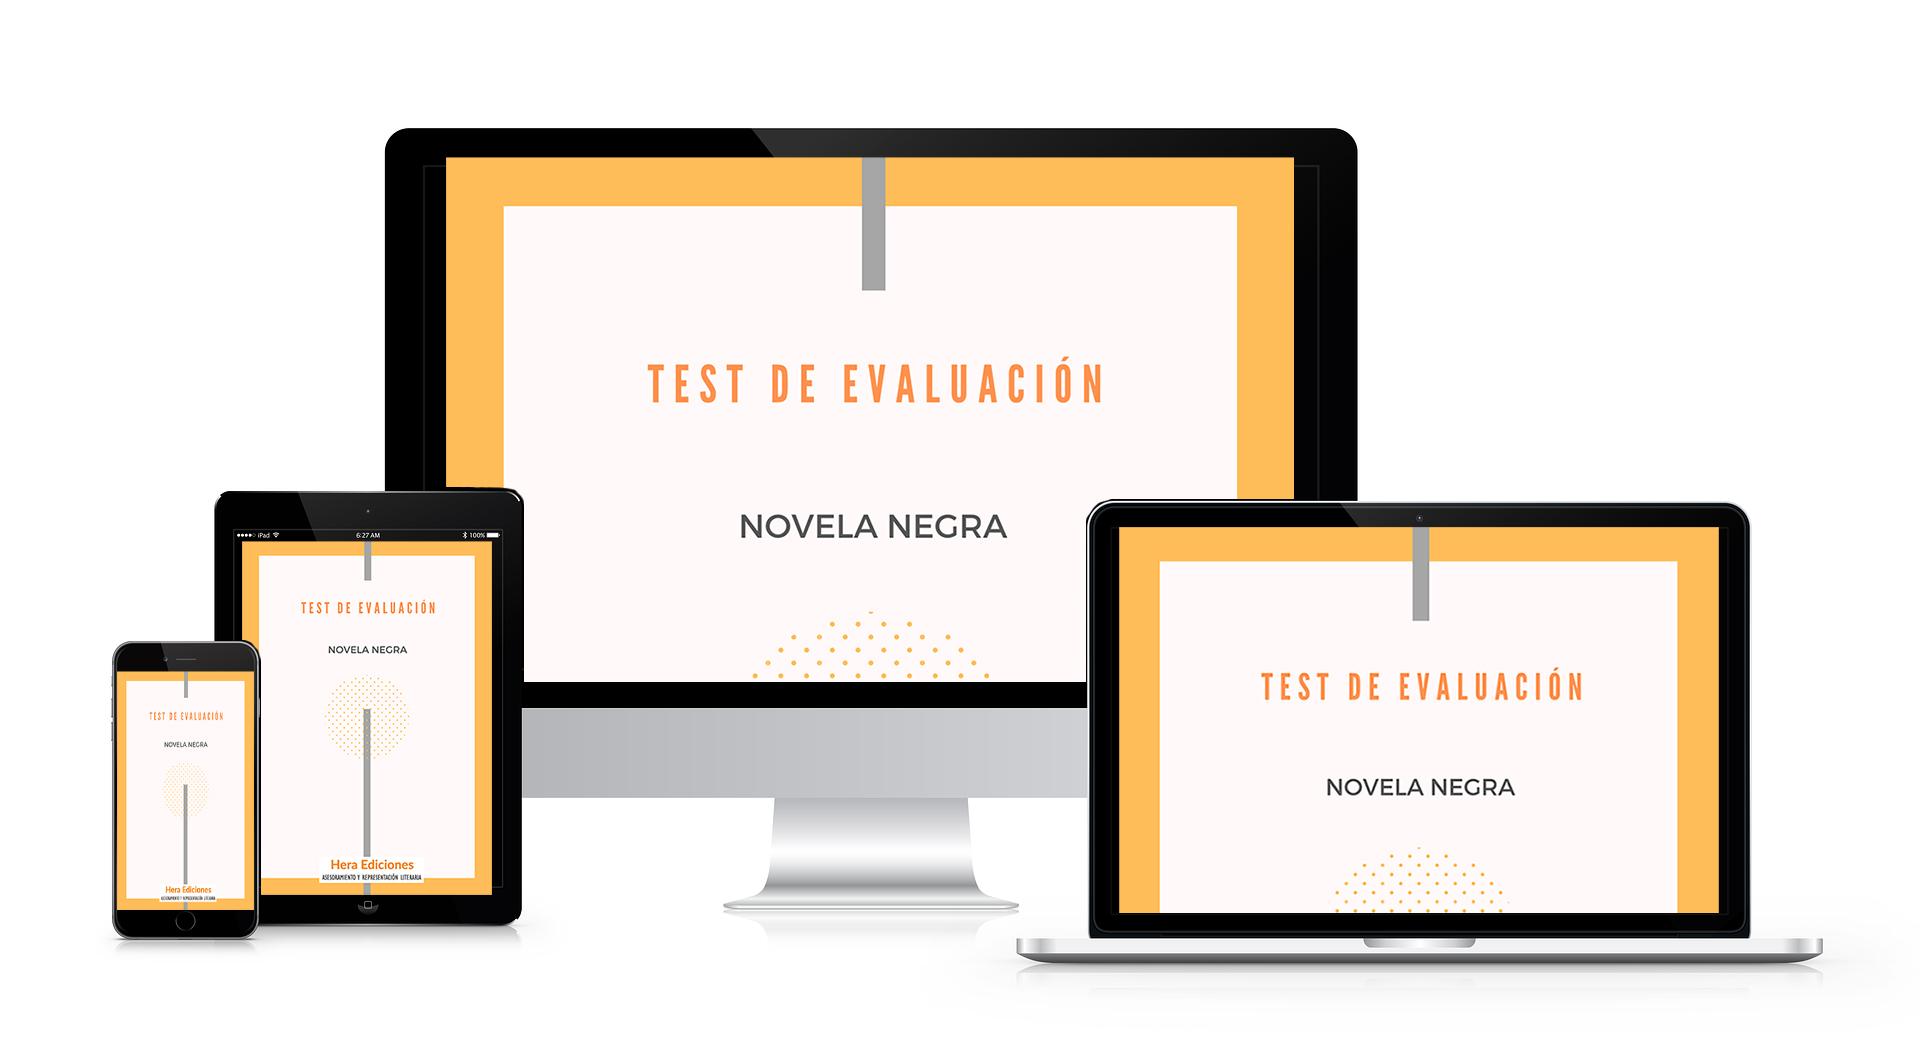 Test Novela Negra